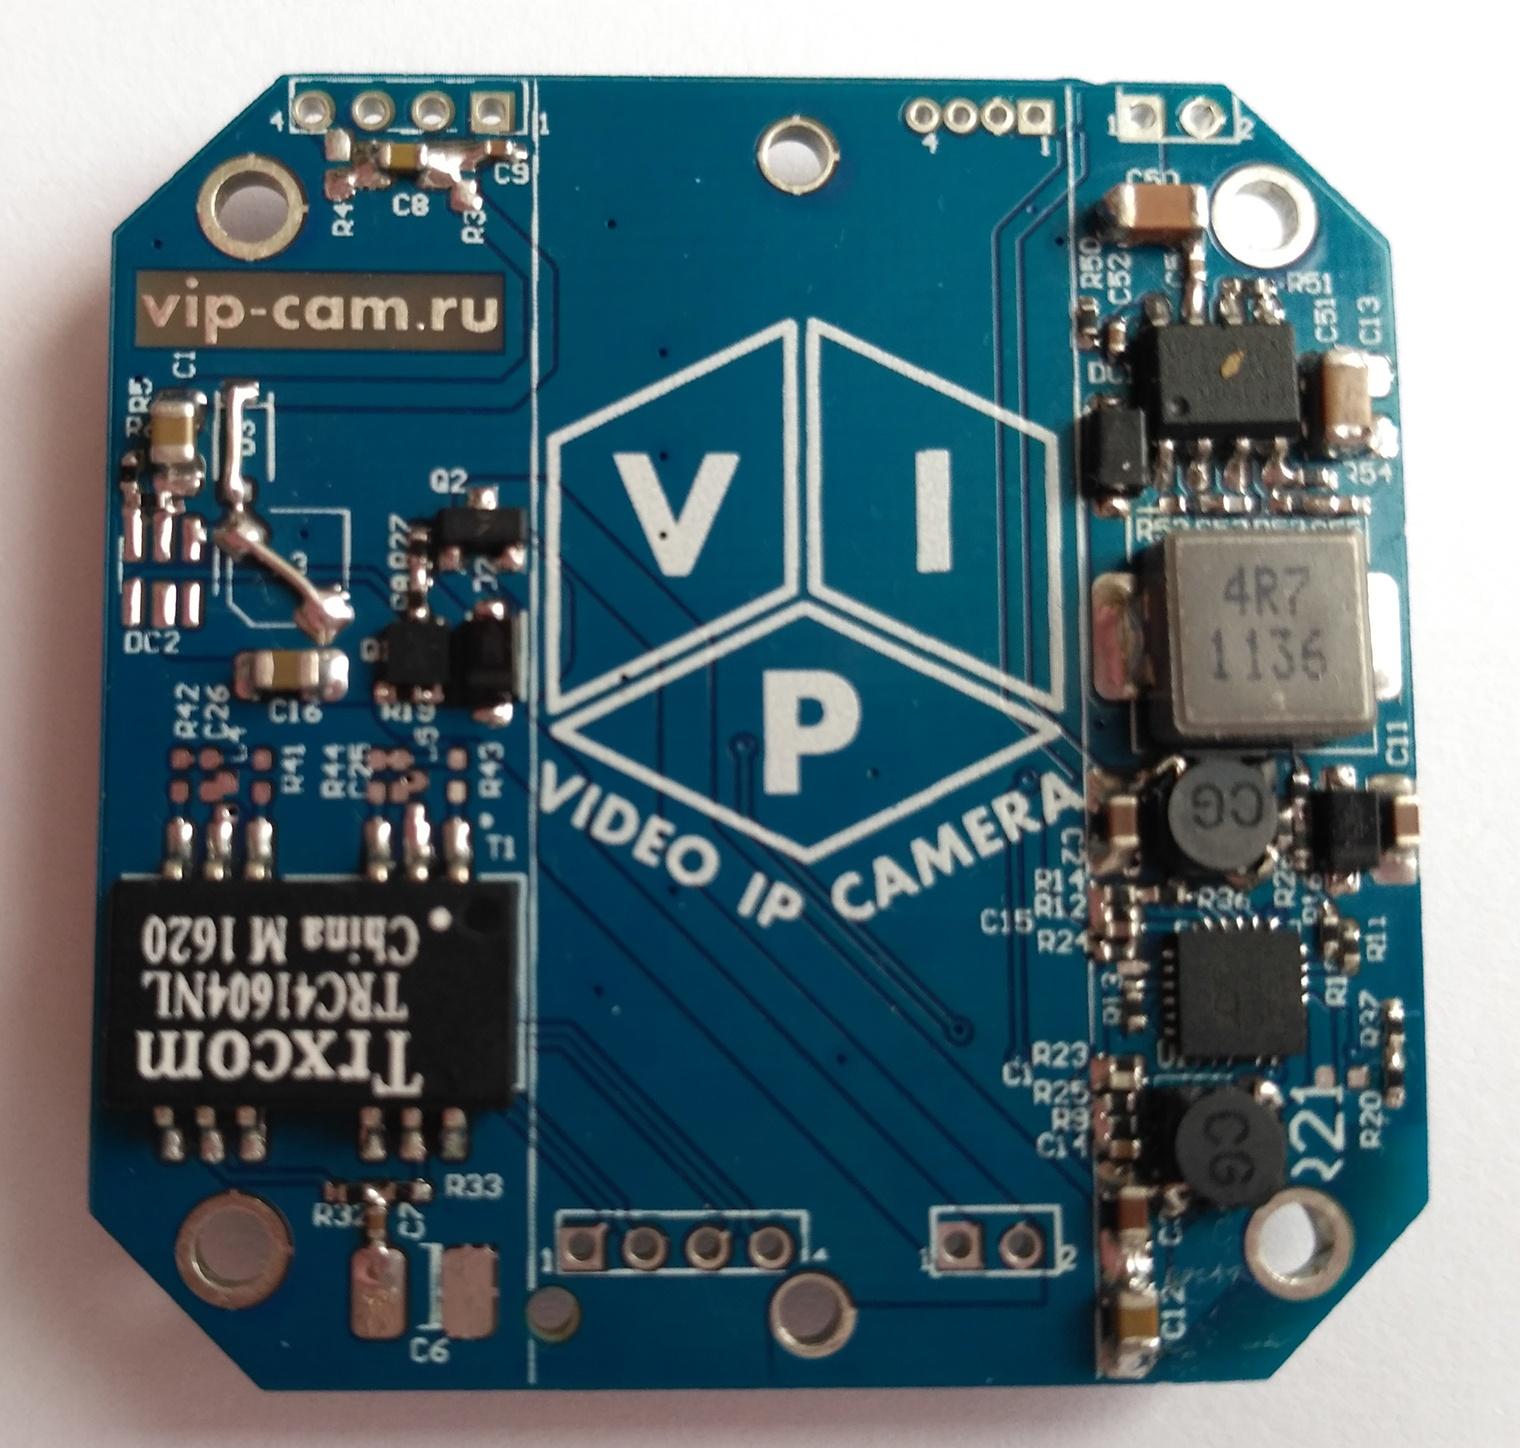 Как мы сделали малогабаритный облачный видеорегистратор из обычной IP камеры - 29